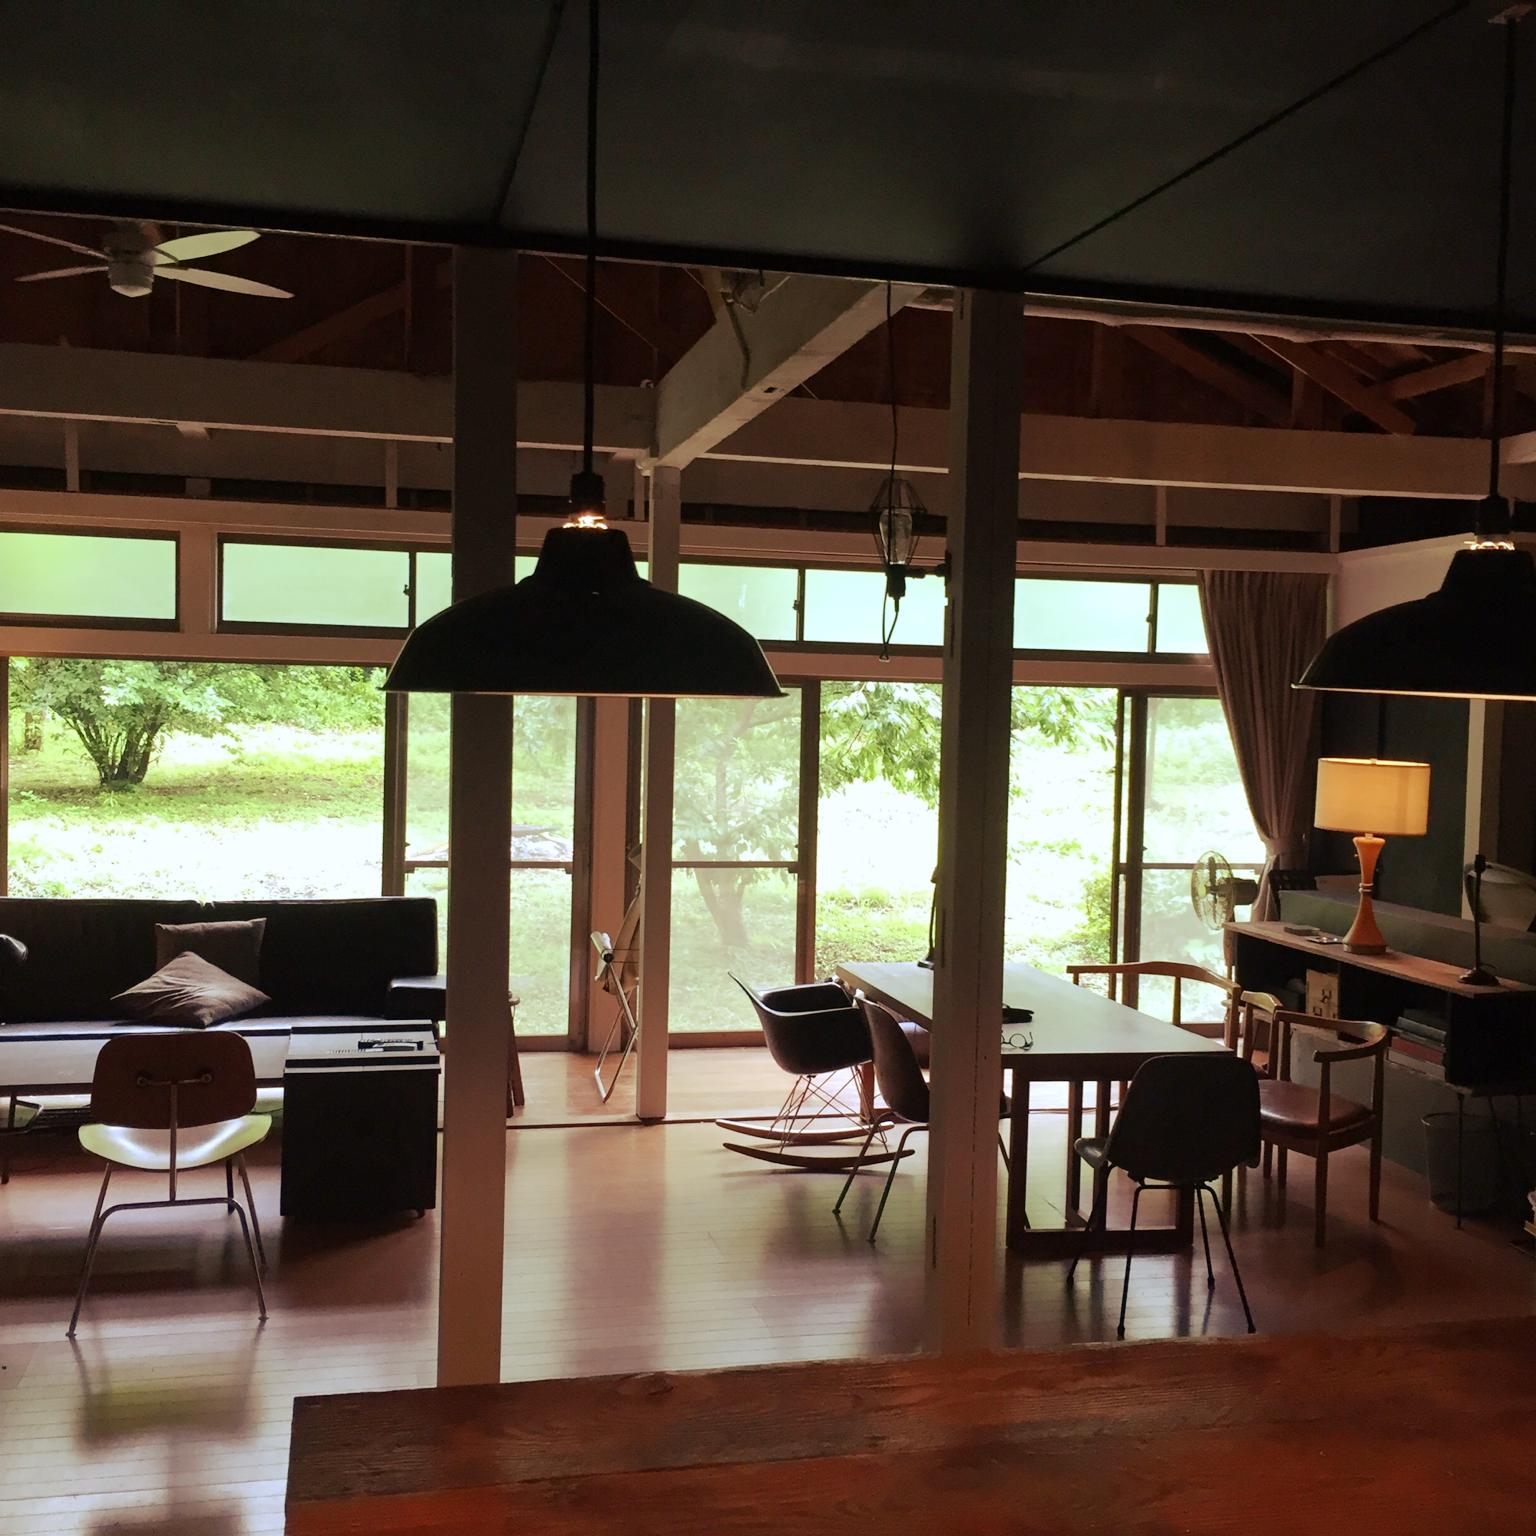 築30年のセルフリノベーション空間。進化を続ける森の中の家 ~inakasochi_djangoさん〜[連載:RoomClip_新人ユーザー紹介]